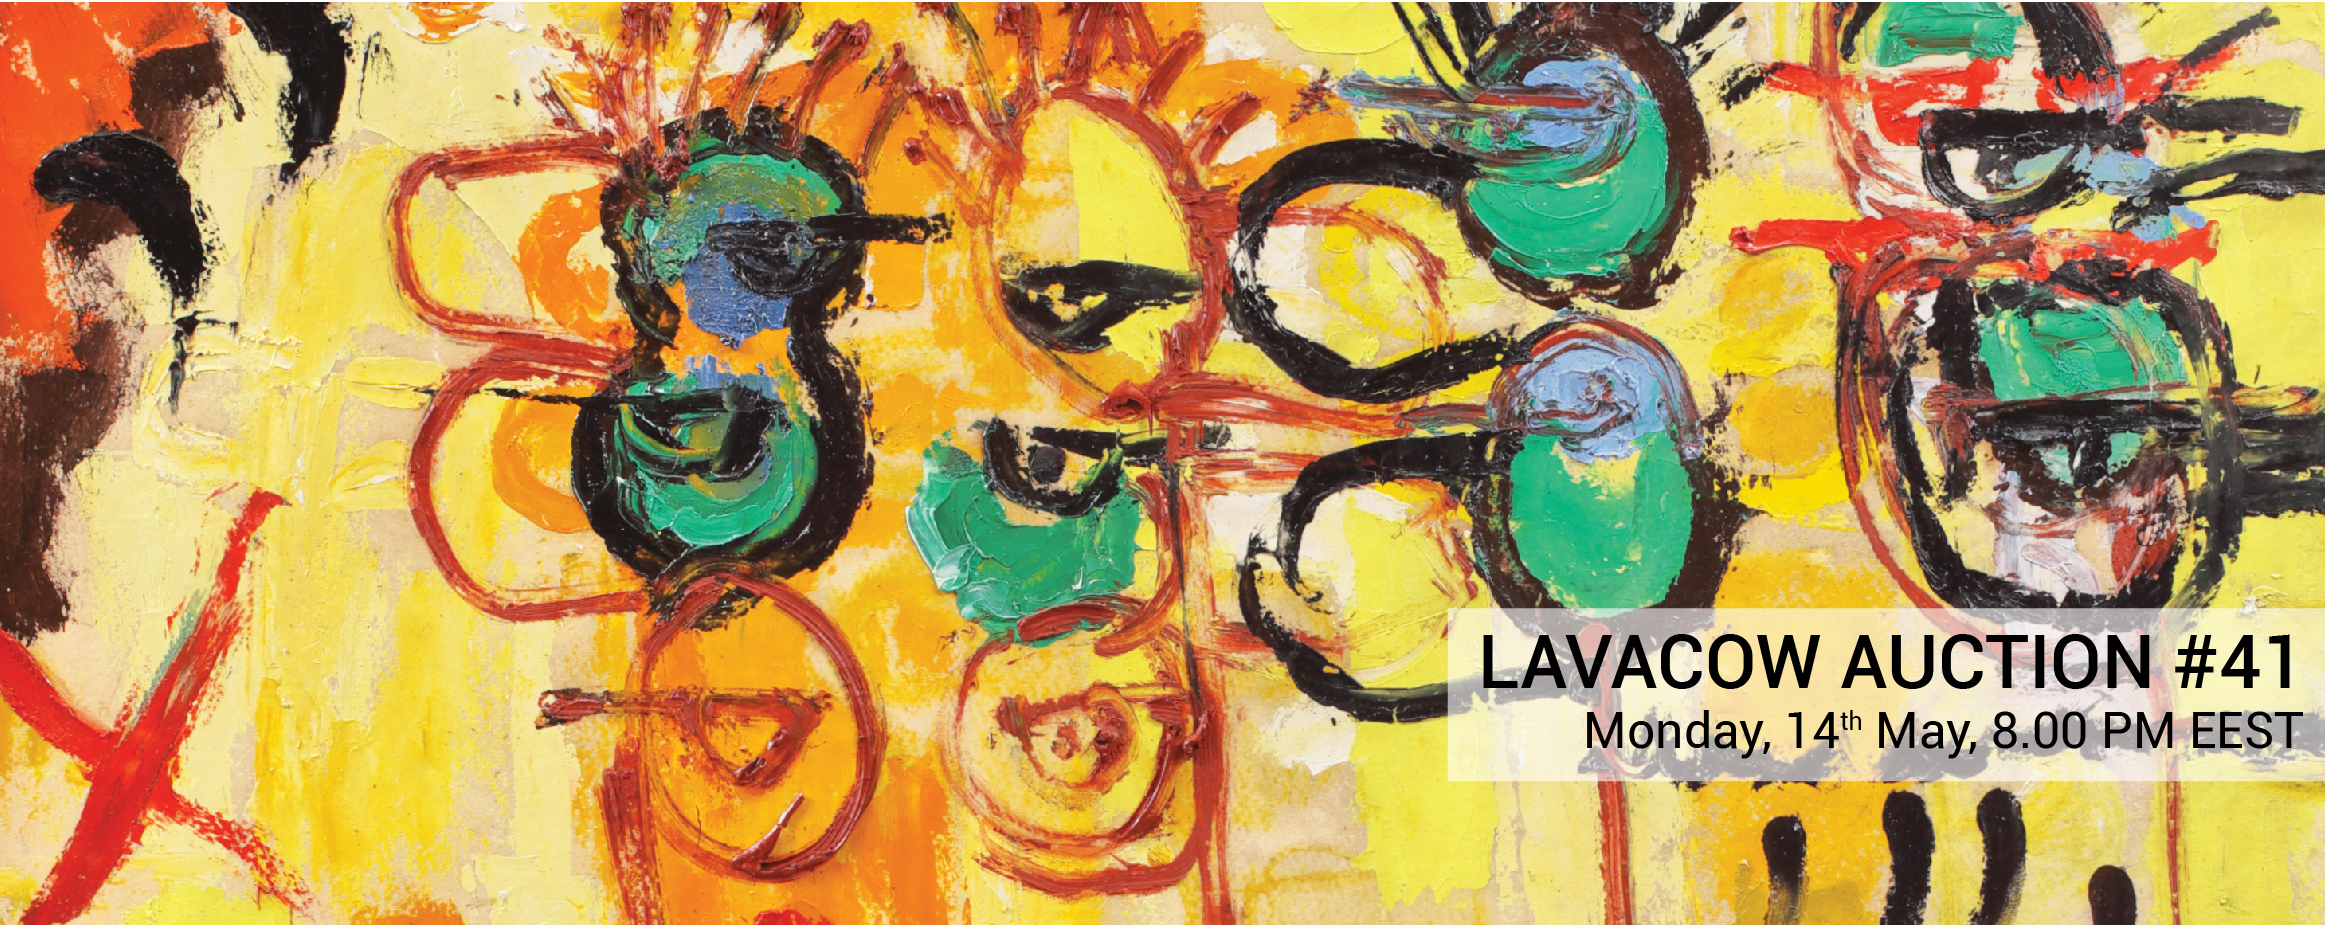 Lavacow Auction #41